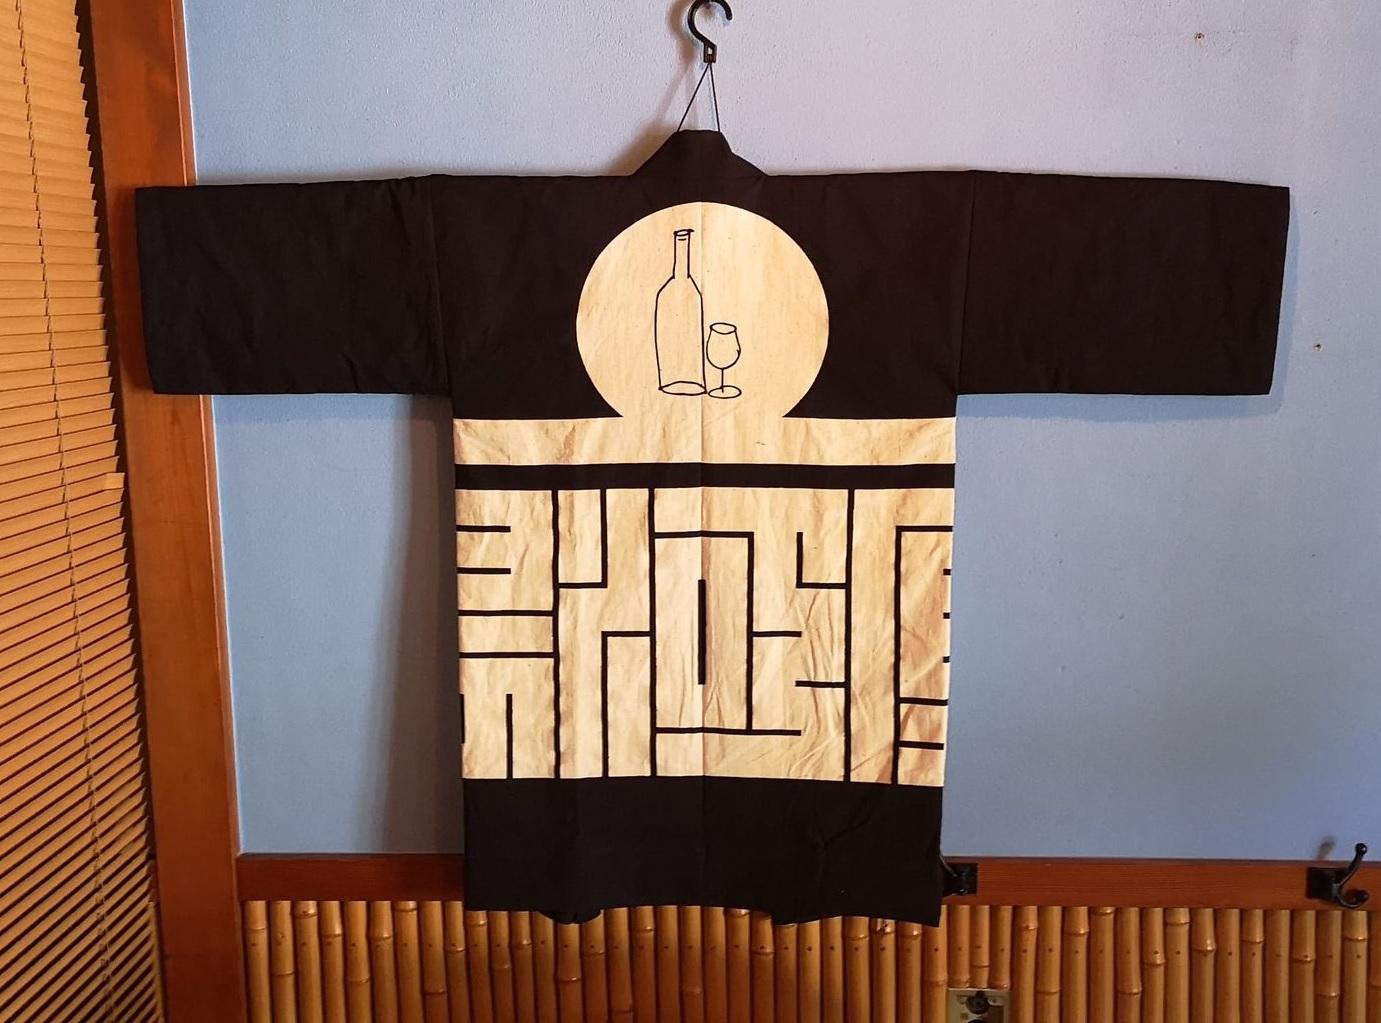 オーナーの知人である映画監督から戴いたレアもの。 優秀なクリエイターさんで、お店のロゴやイラスト、飾ってある印半纏のデザインも彼の作品。